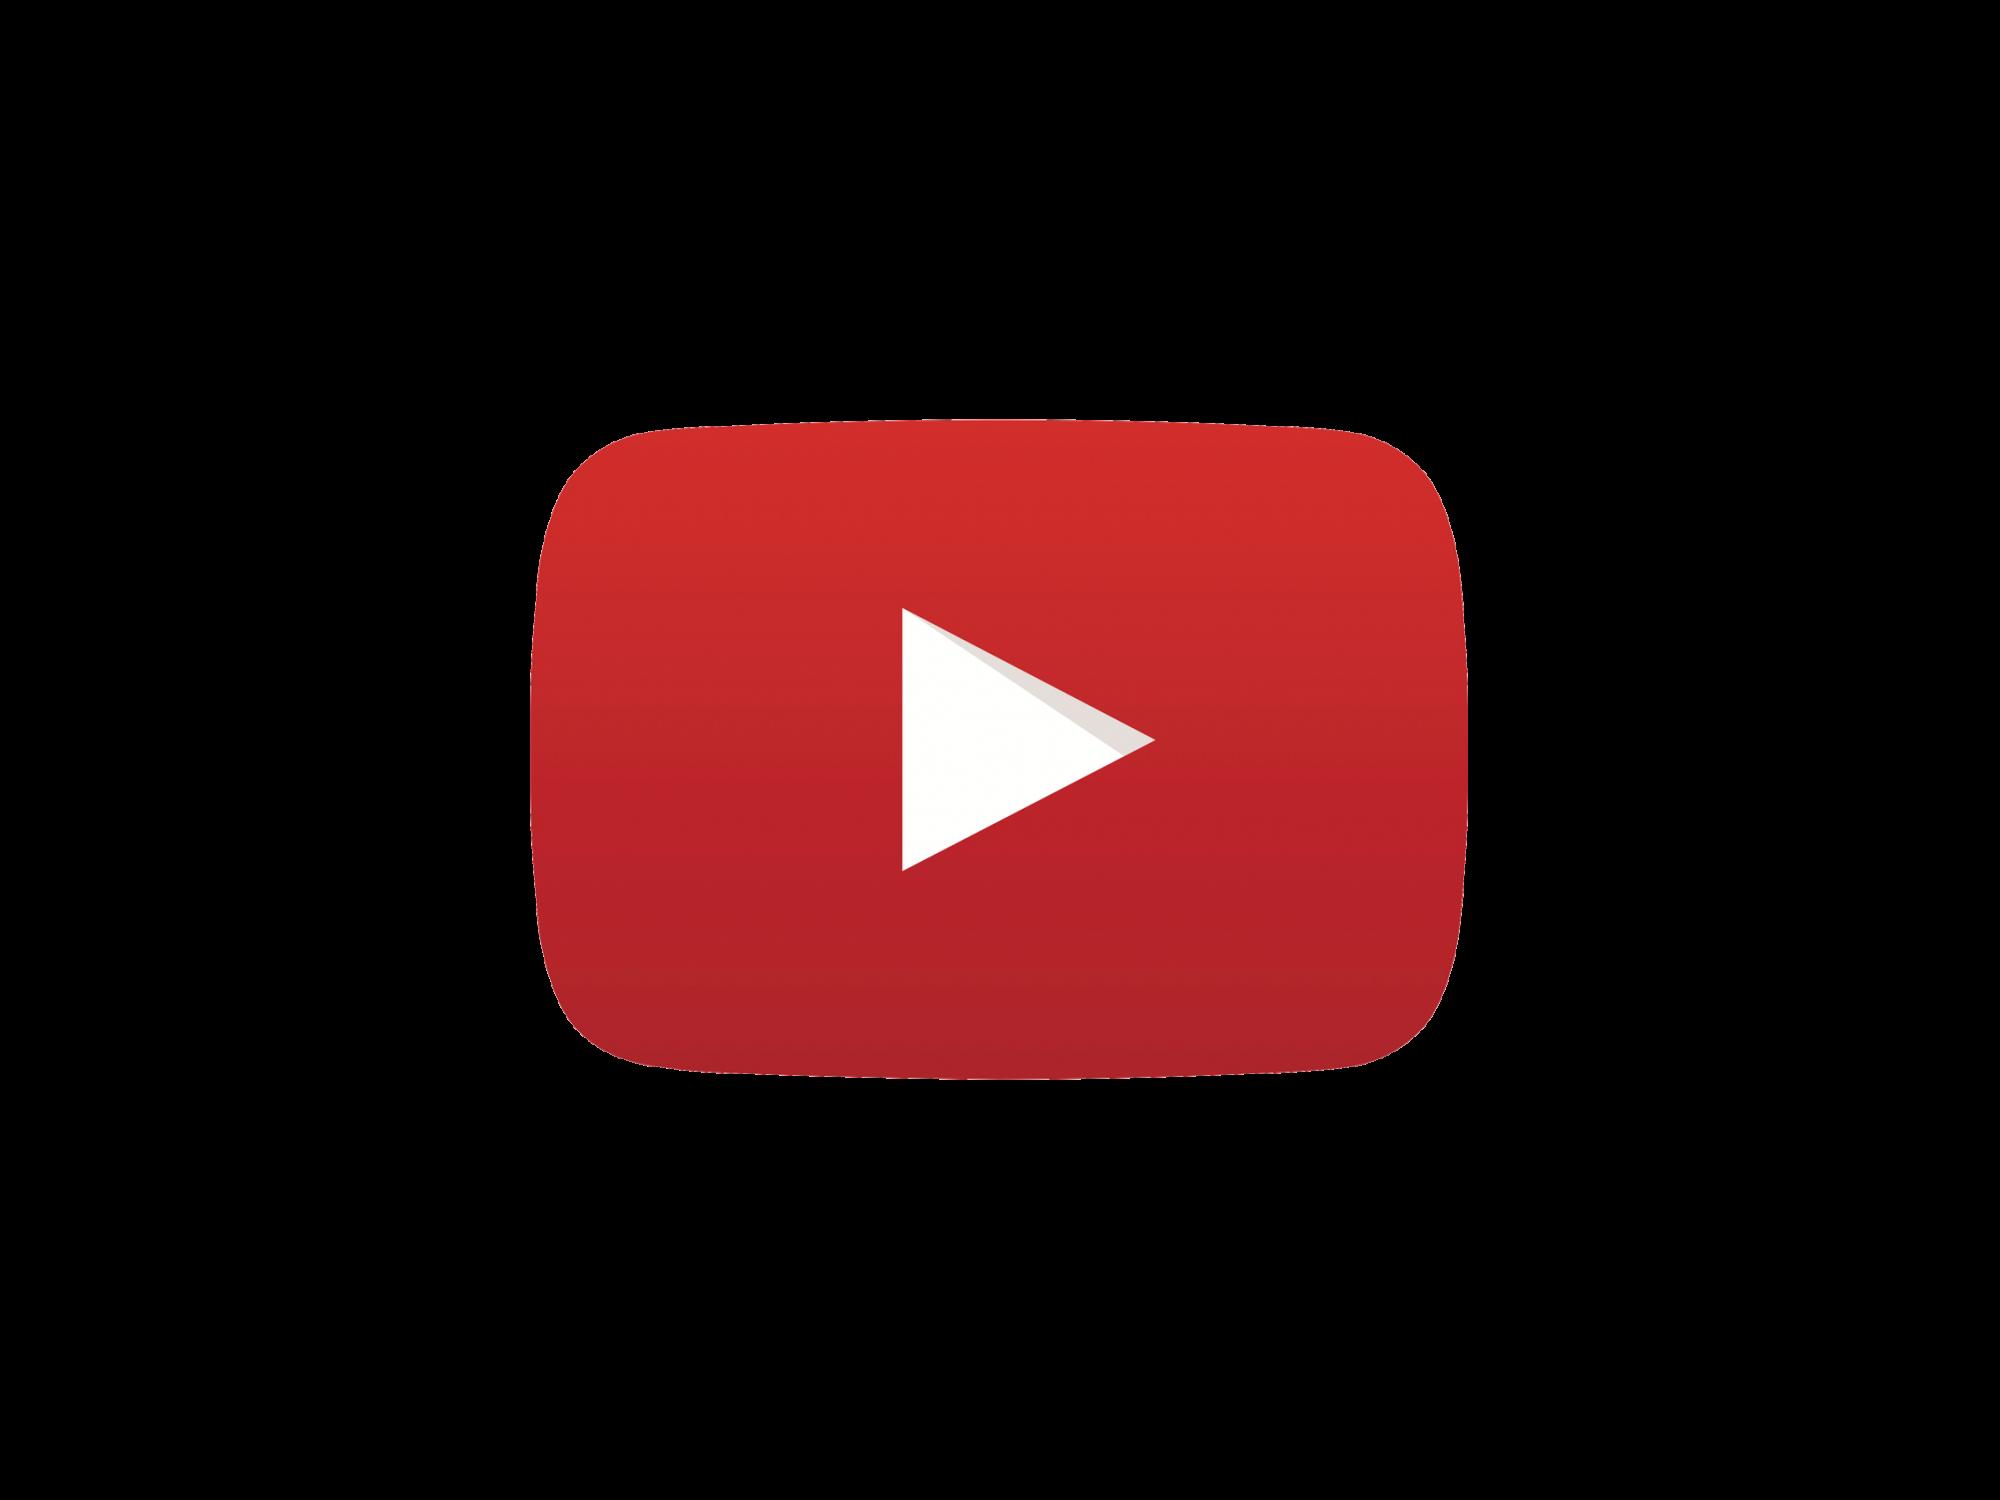 Youtube clipart original. Sound recording tunecore